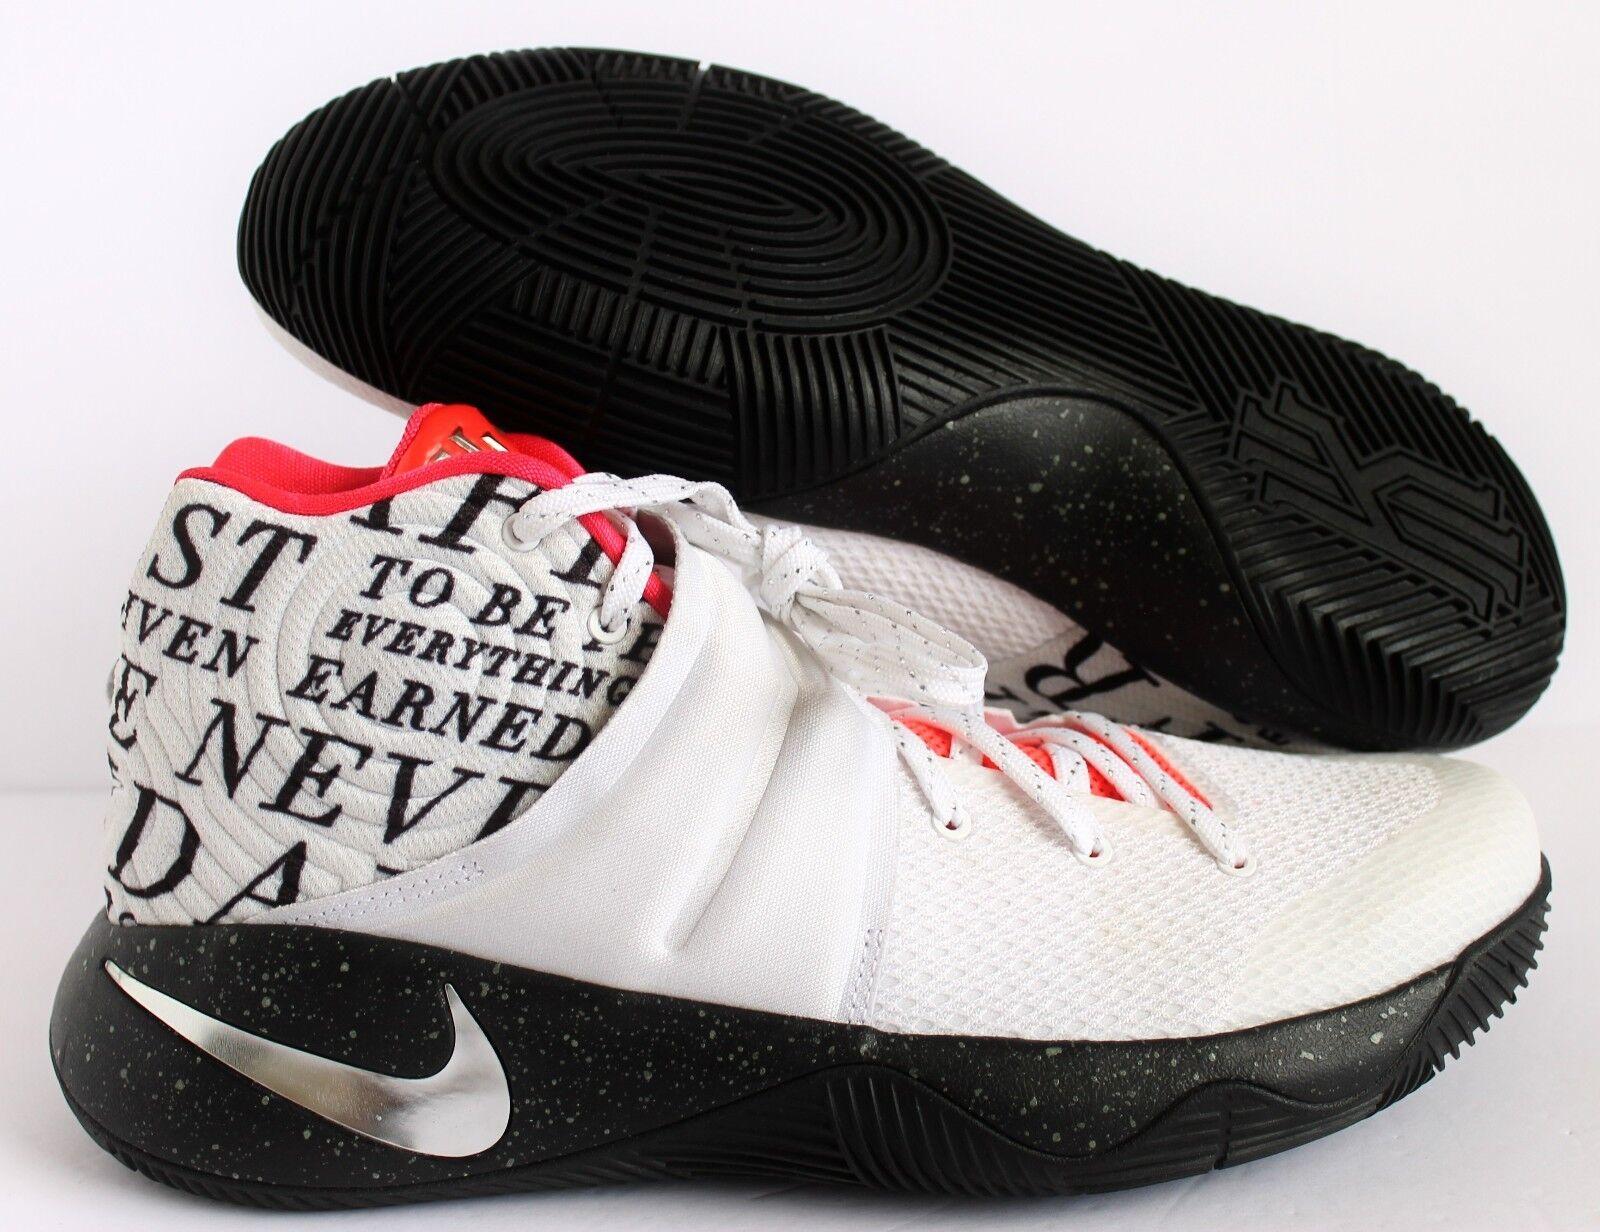 7b32eff3766a5 Nike Hombres Kyrie 2 ID blanco-negro-Carmesí-Plateado blanco-negro ...